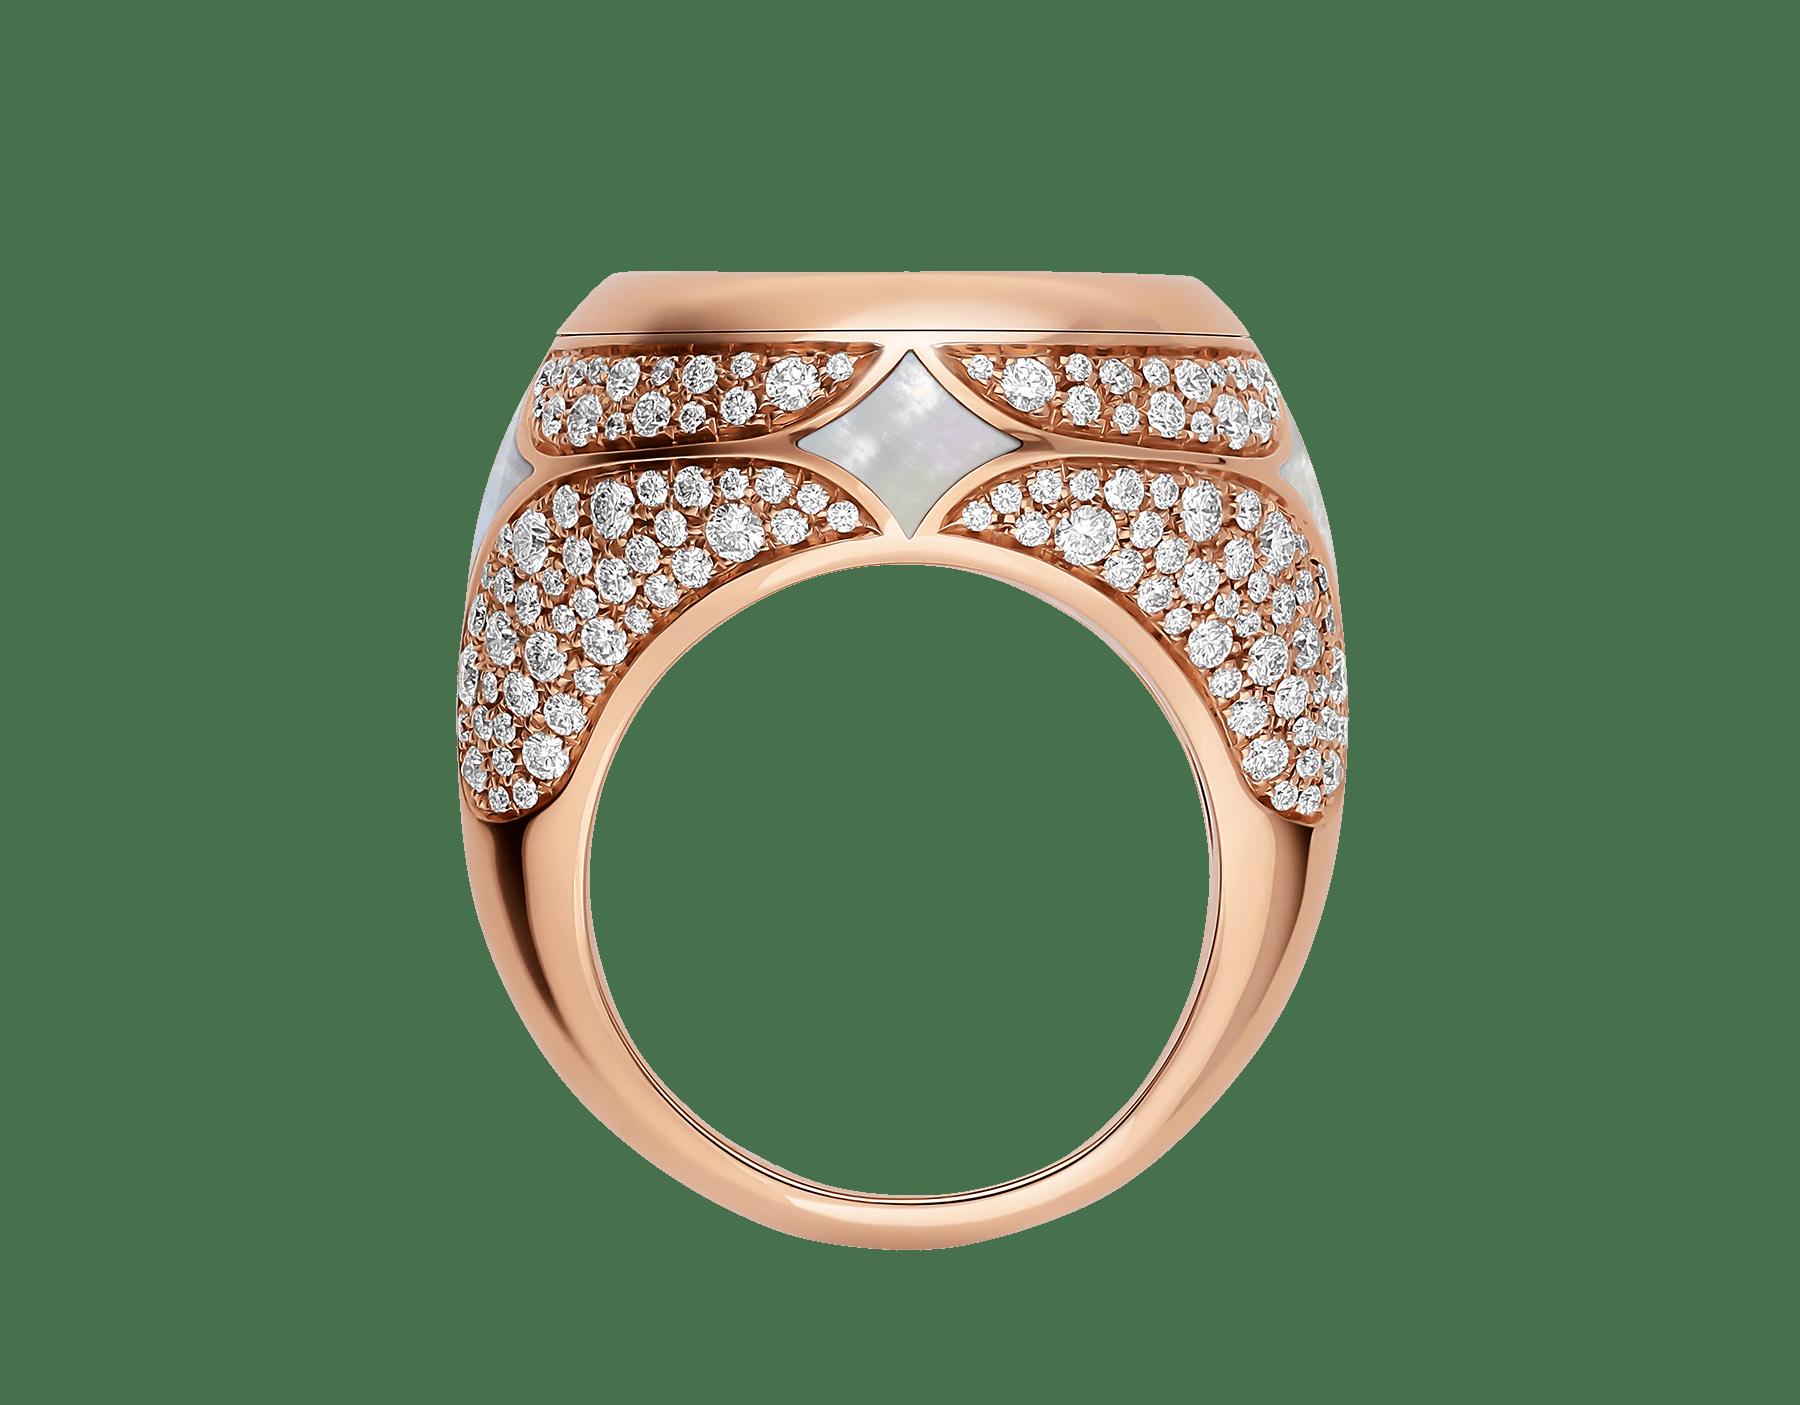 Anel Monete em ouro rosa 18K cravejado com uma moeda antiga, elementos de madrepérola e pavê de diamantes AN858424 image 2